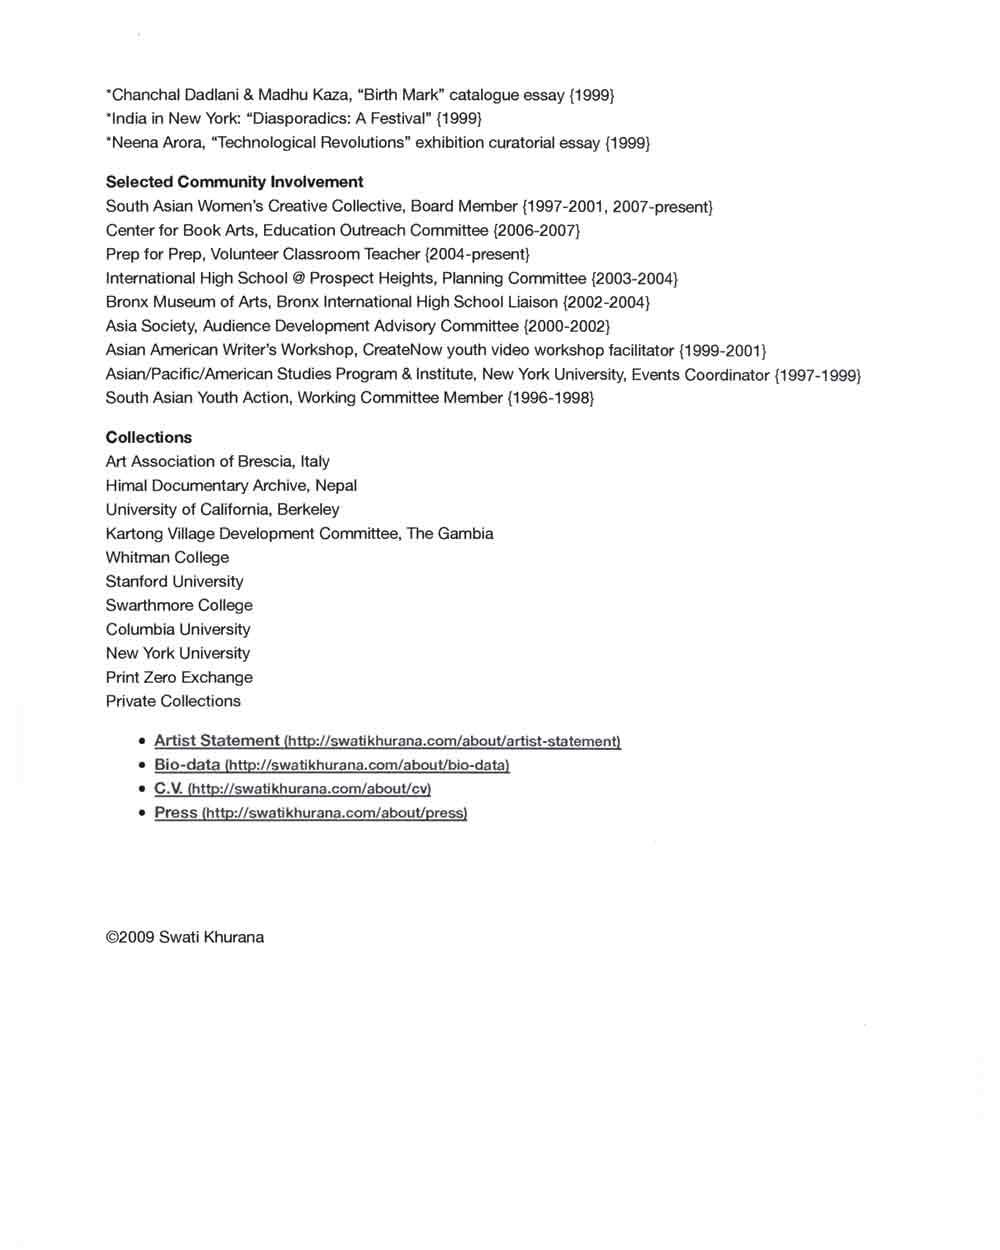 Swati Khurana's Resume, pg 6